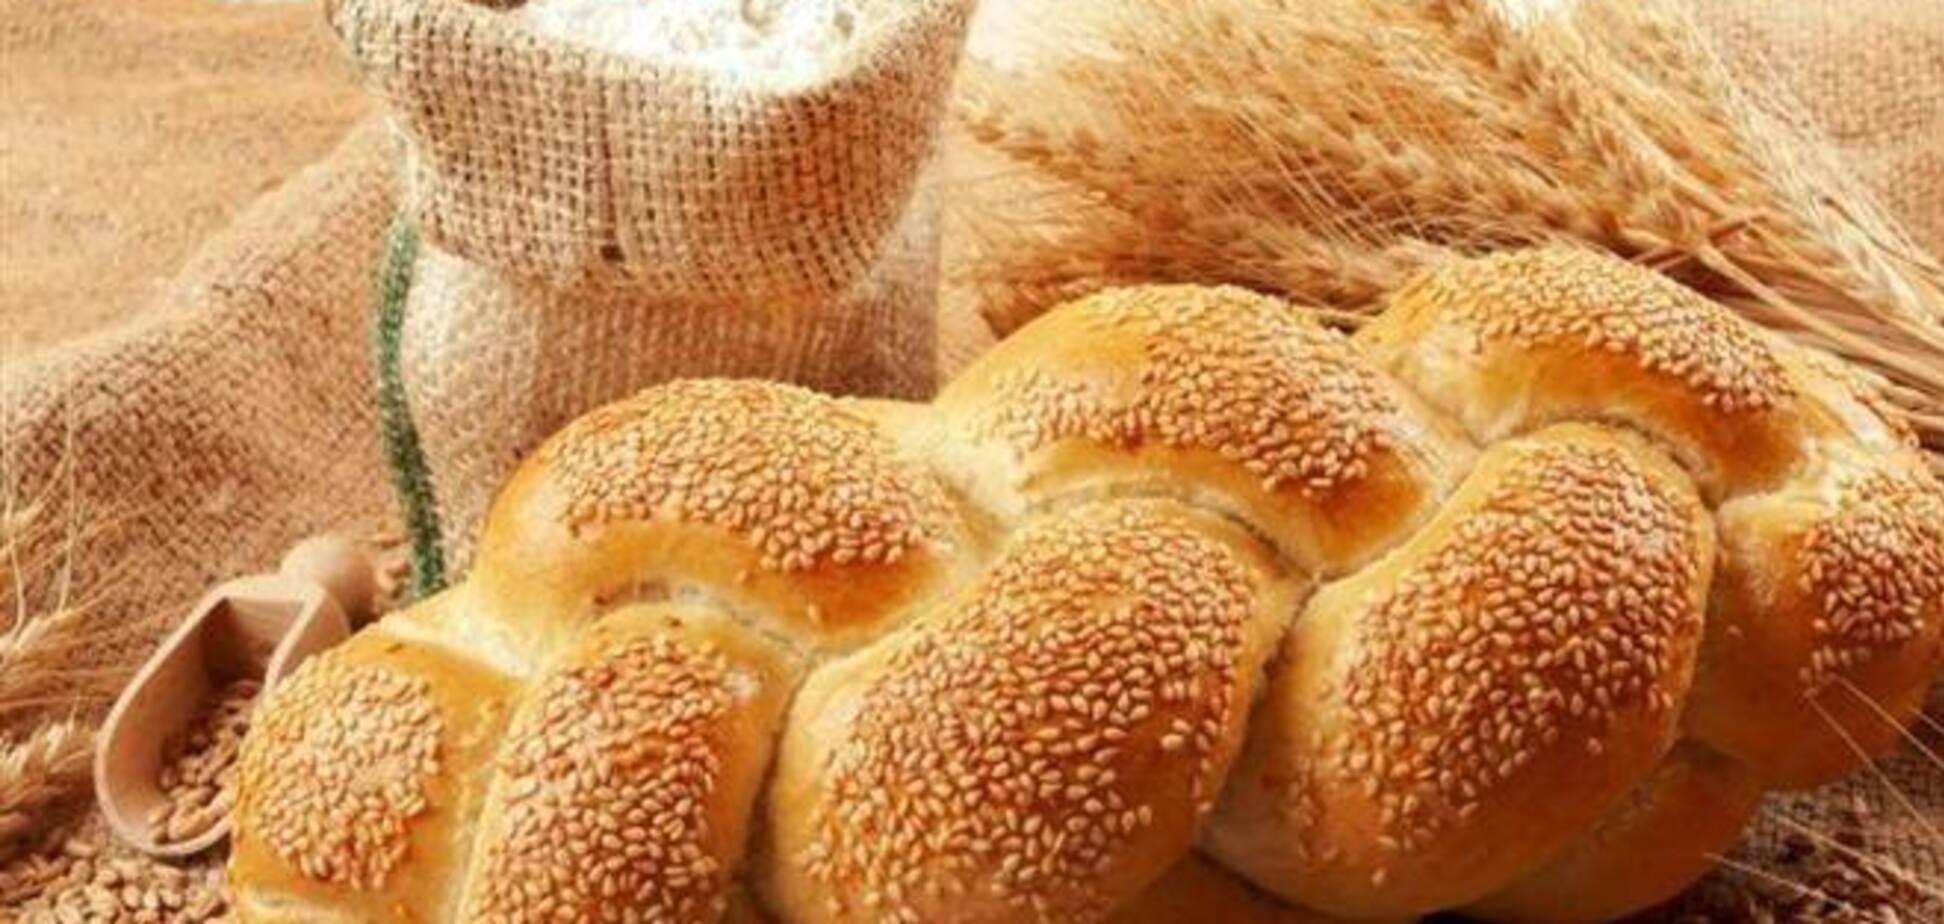 Еще две причины отказаться от хлеба